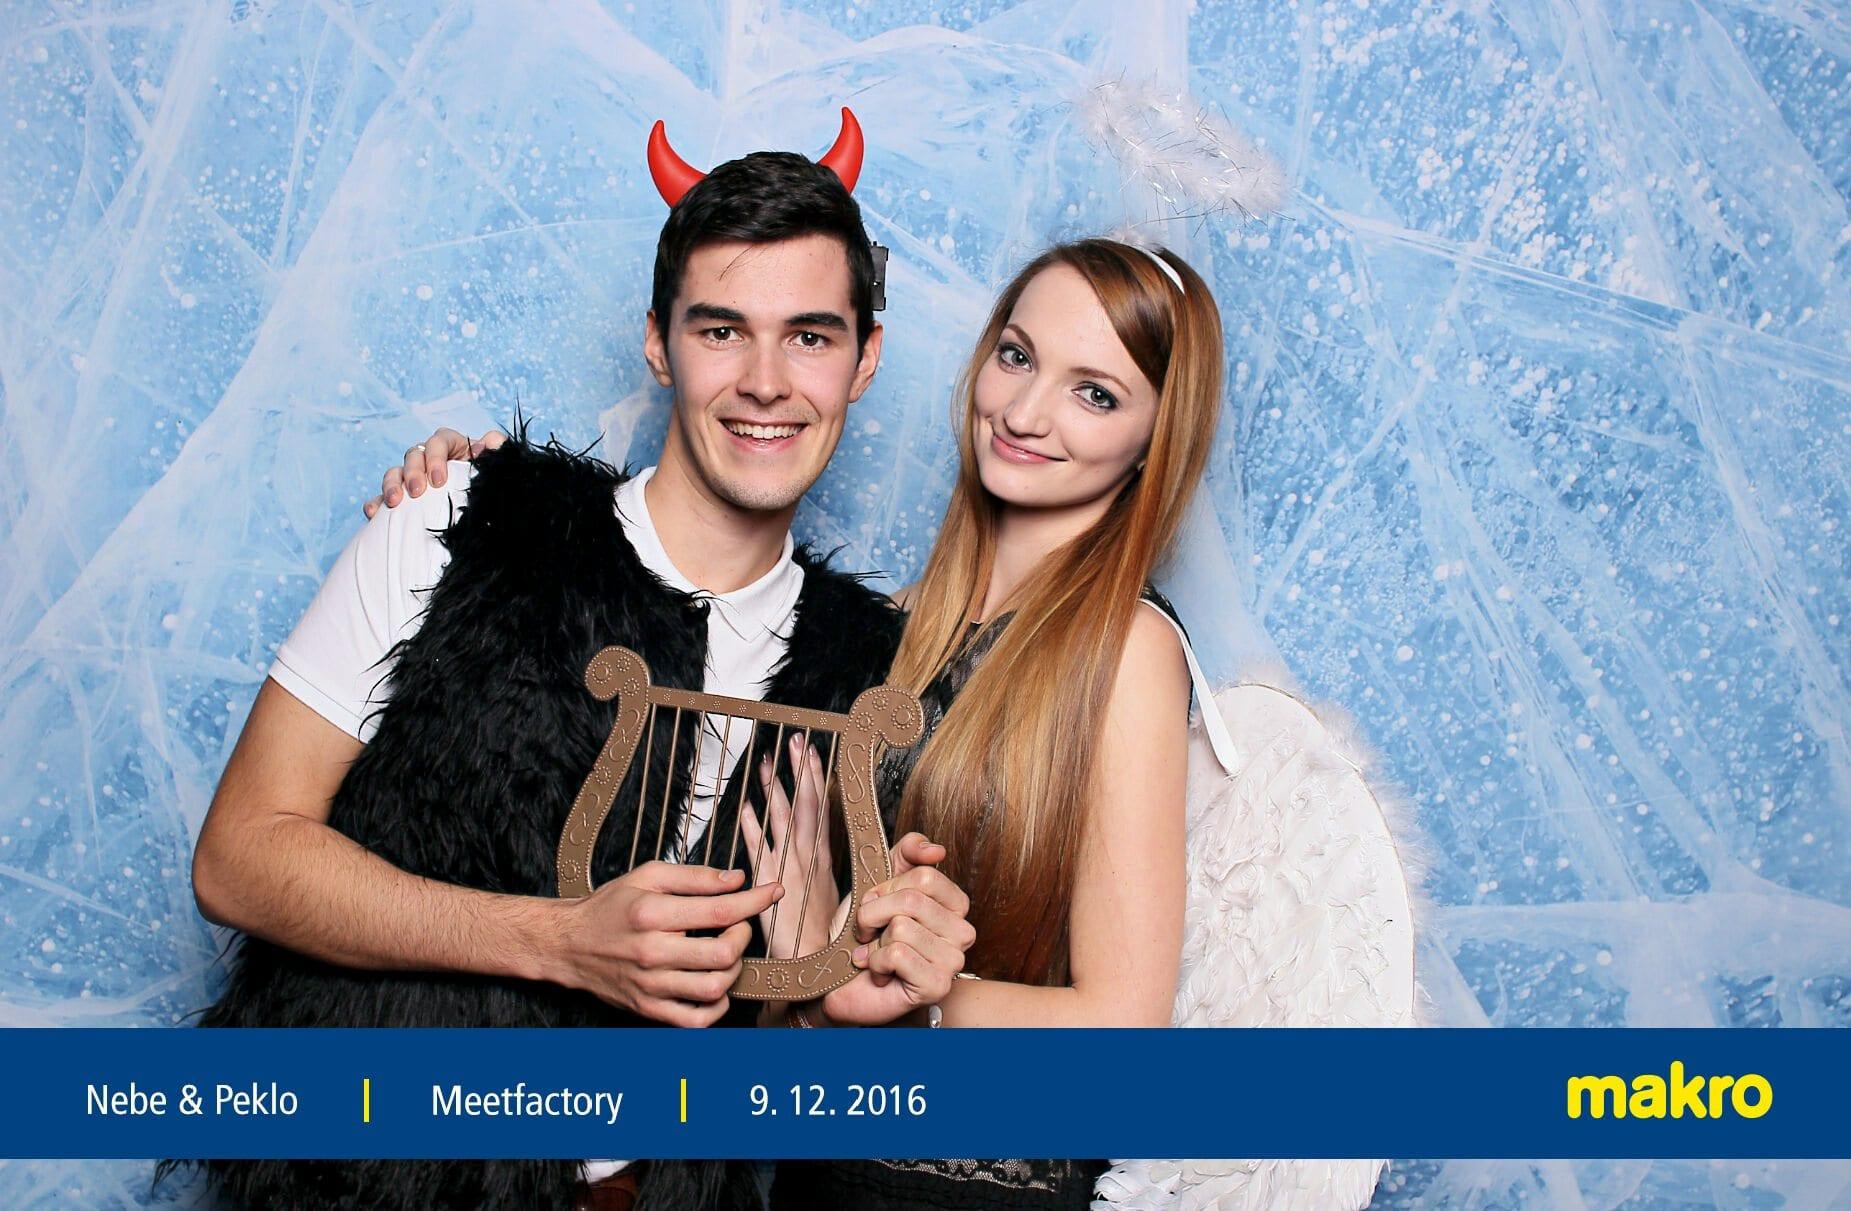 fotokoutek-makro-9-12-2016-180171